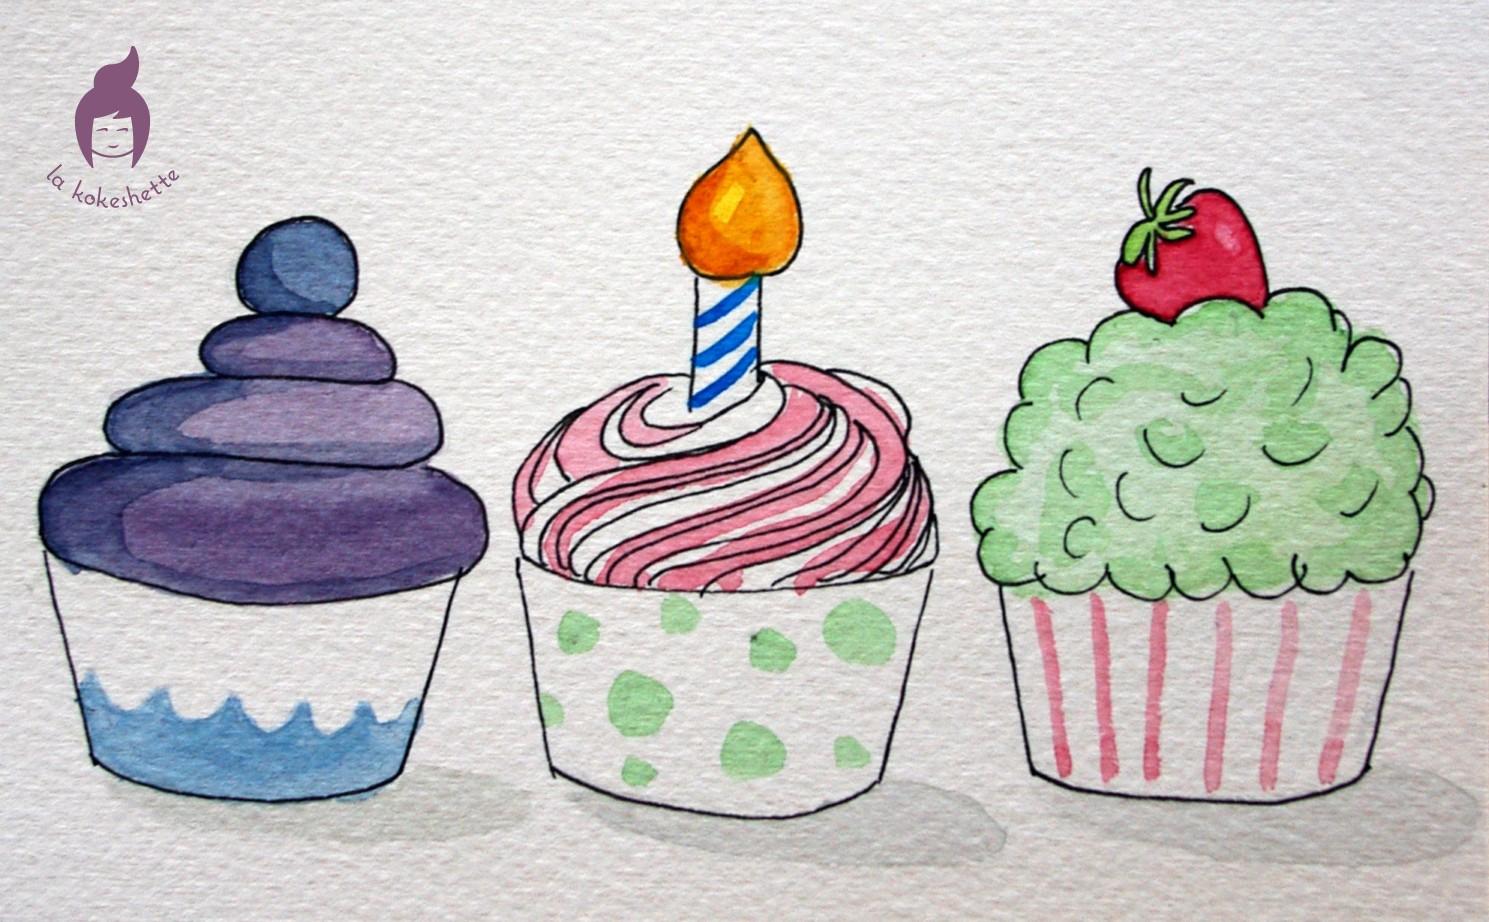 Dessin le blog de la kokeshette - Dessin cupcake ...